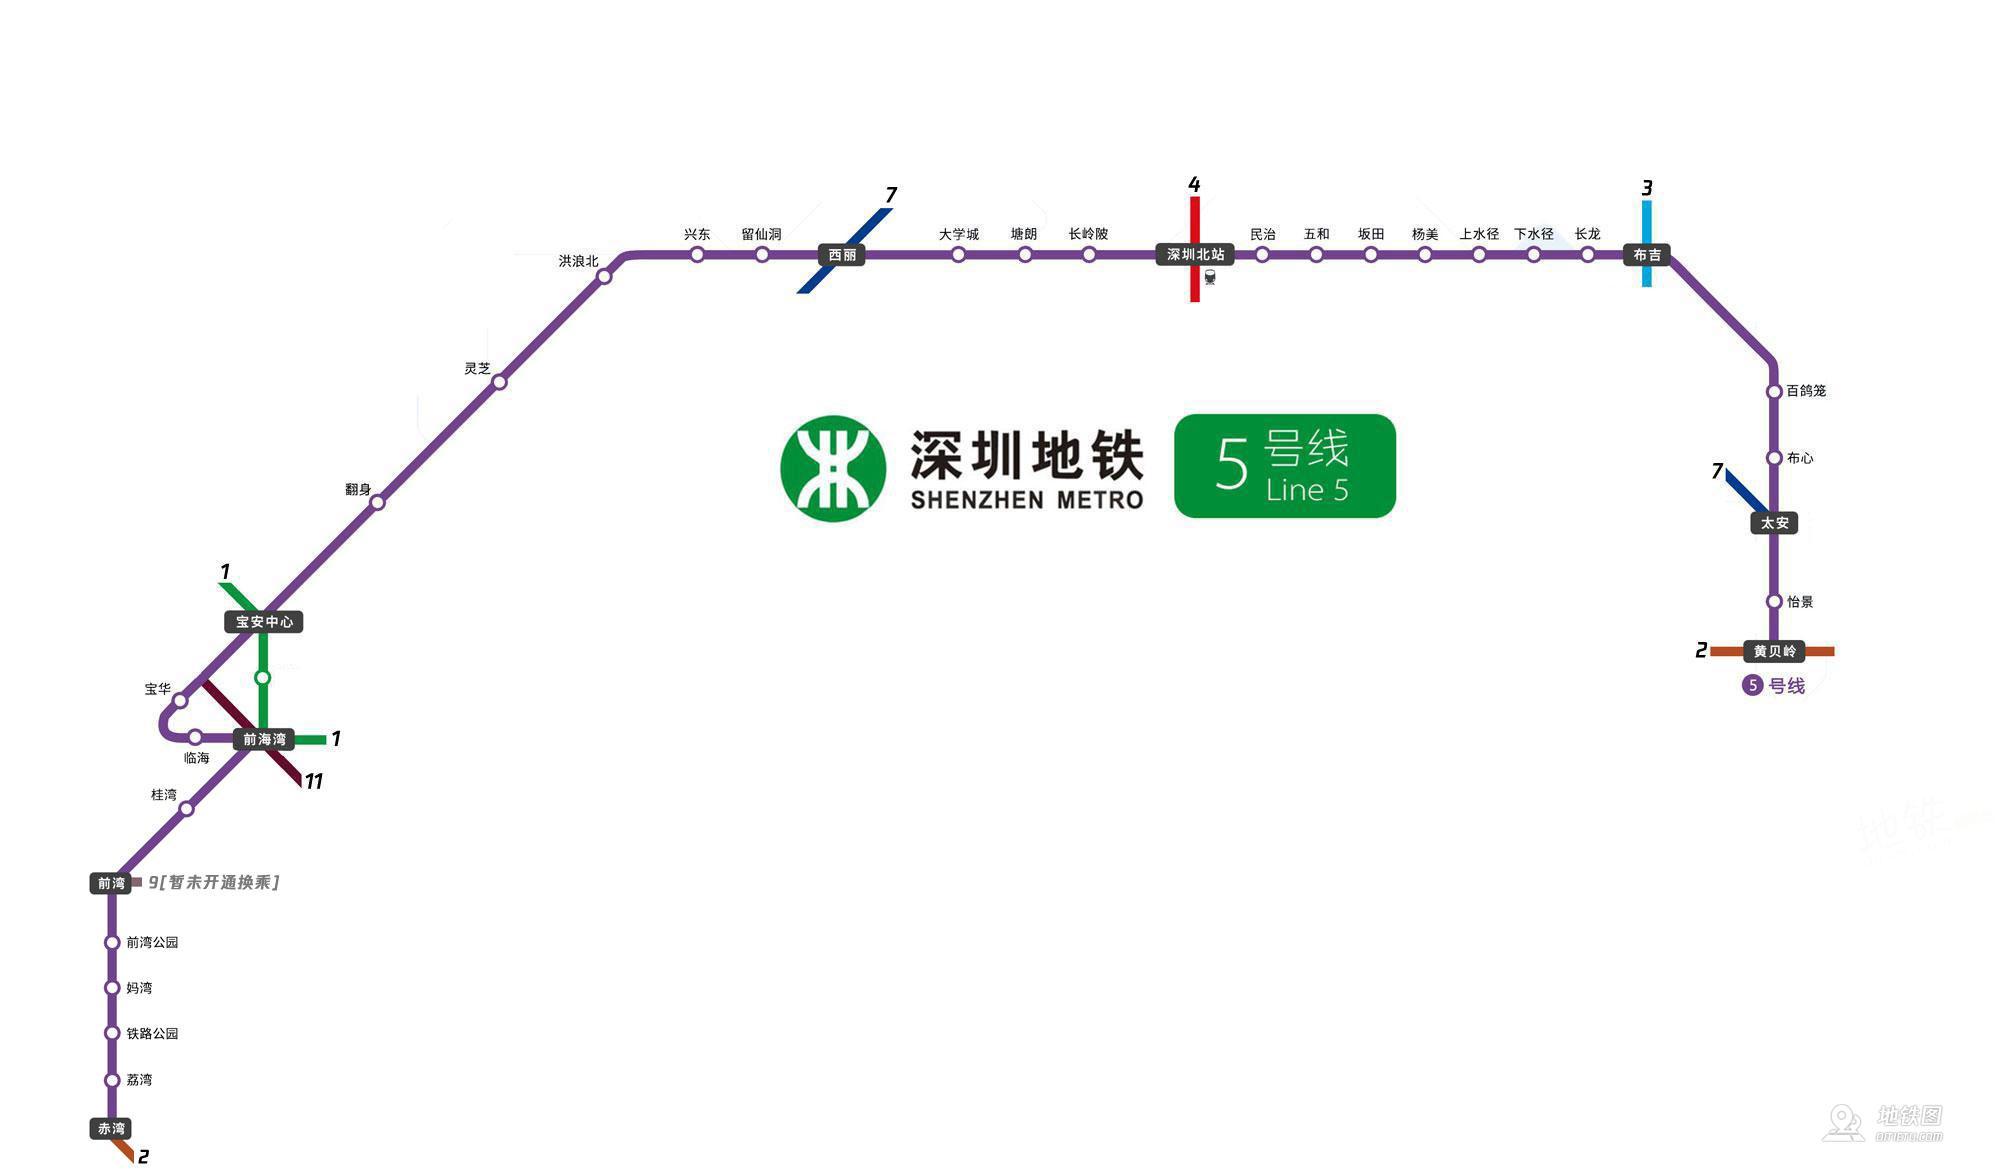 环中线运营时间_深圳地铁5号线线路图_运营时间票价站点_查询下载 - 地铁图